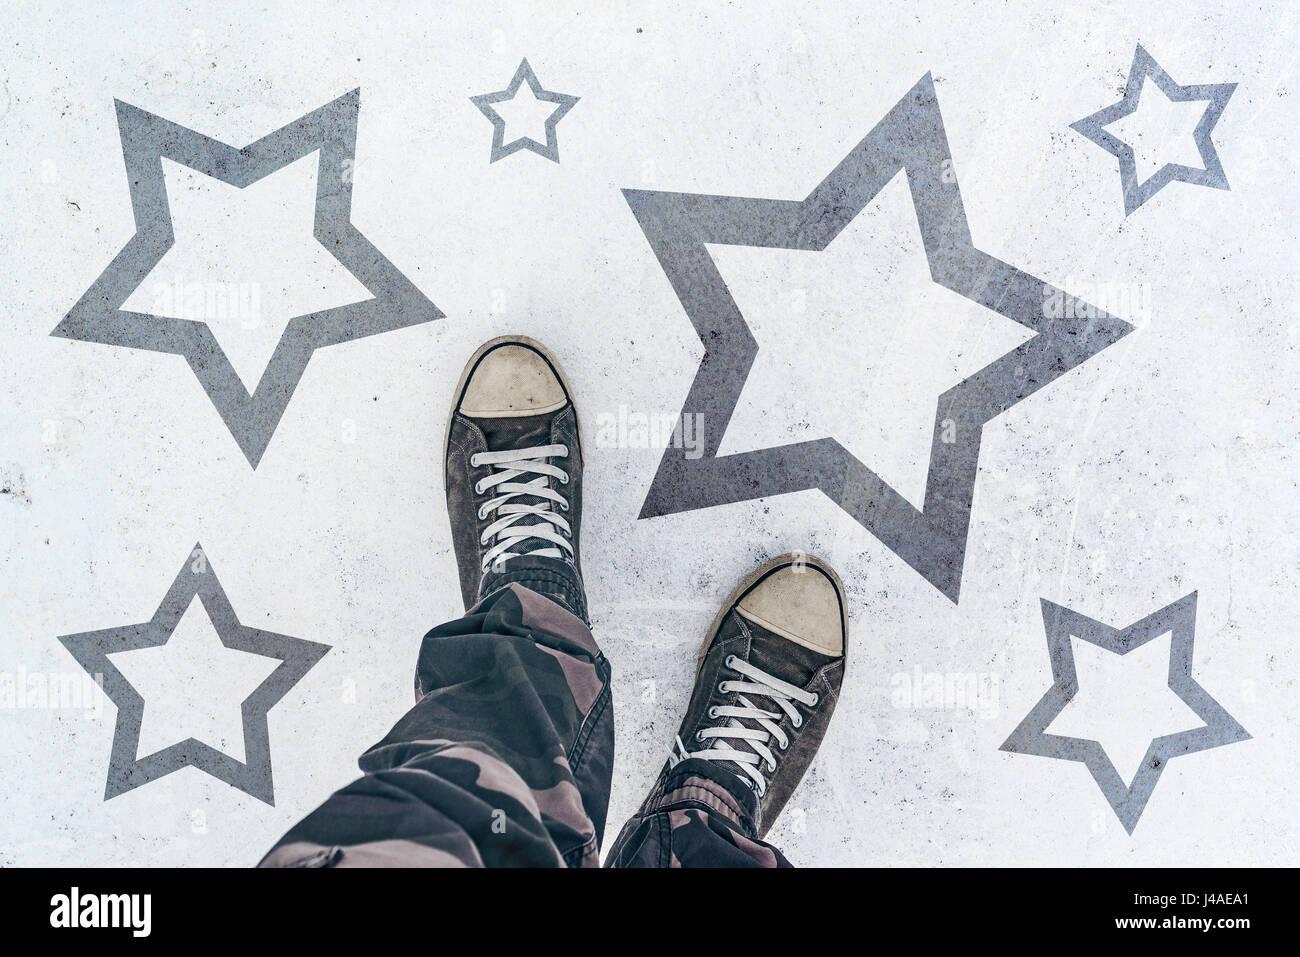 Sneakers sulla strada con forma a stella imprint - talento, vip, premio e concetto di aggiudicazione Immagini Stock